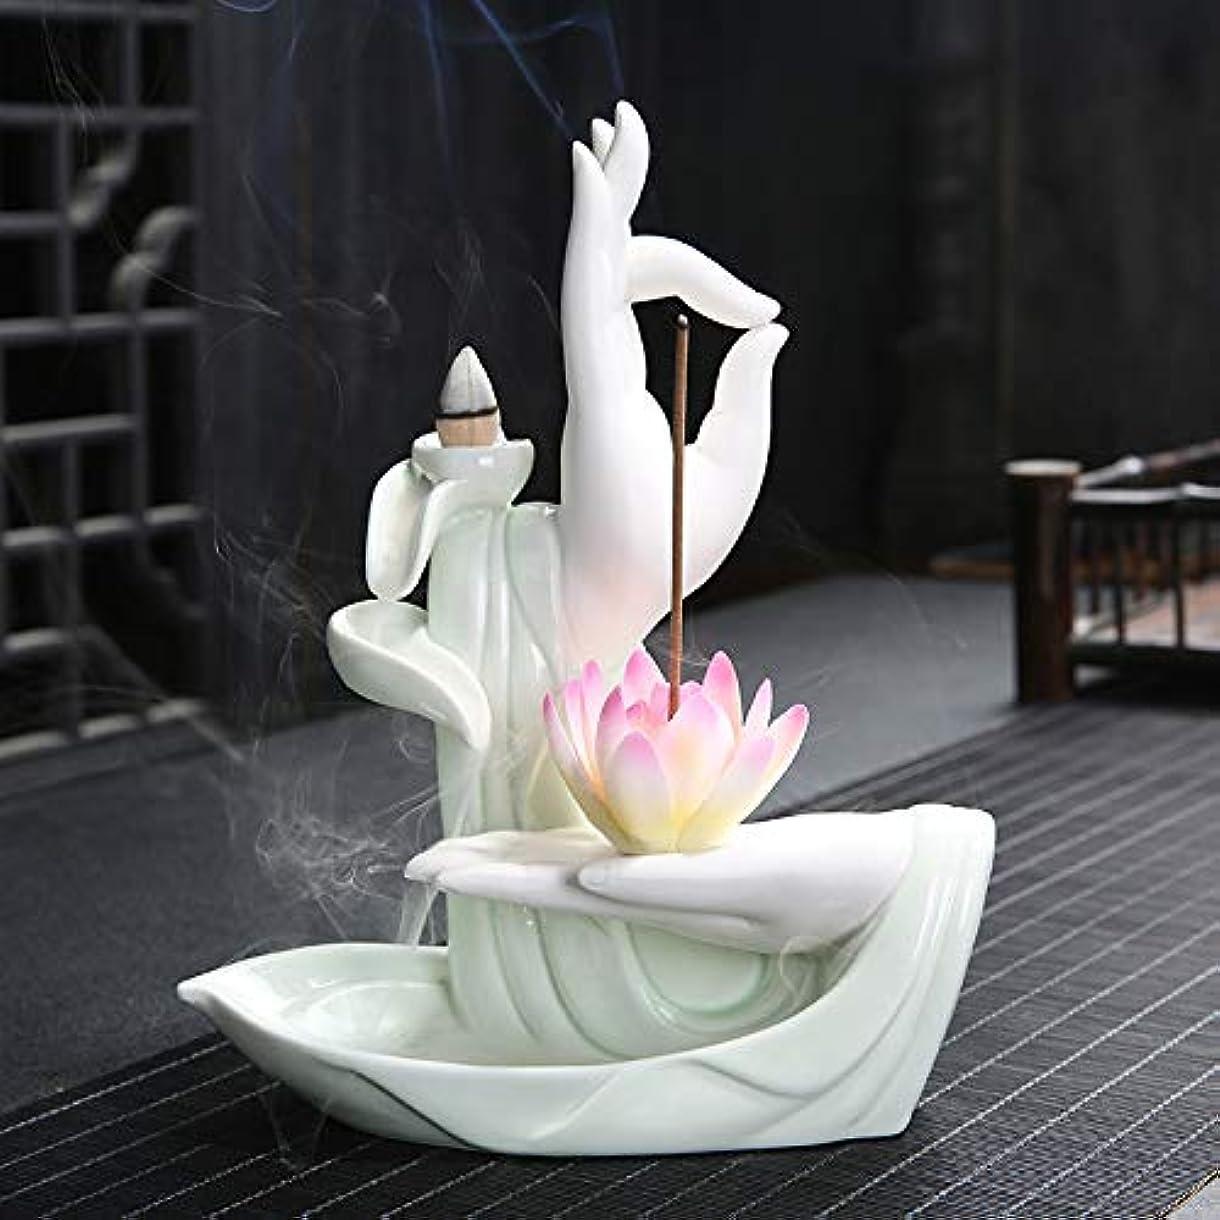 香の棒のホールダーの陶磁器の技術の香炉の陶磁器の滝の香炉の香炉のベルガモットの大きい蓮の香の棒21.2 * 16.5 * 7.8cm